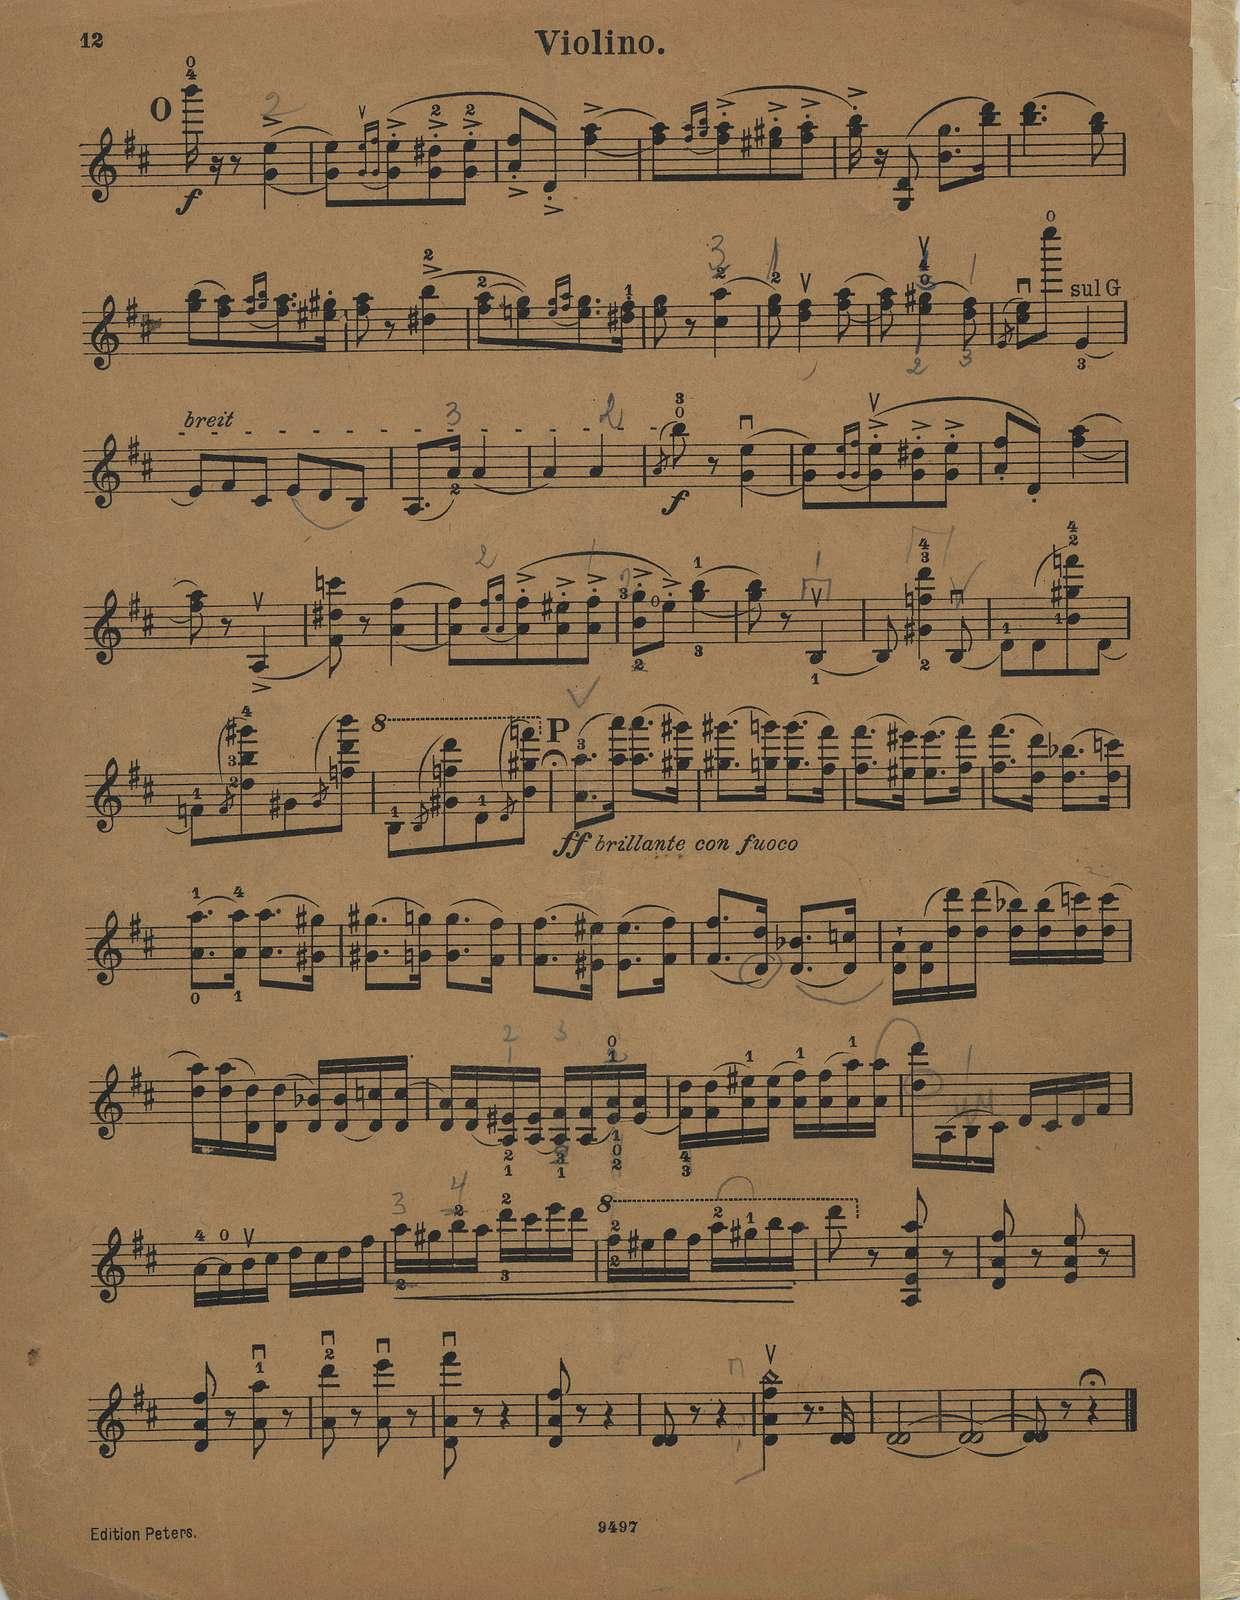 Wieniawski, Henri. Concerto for Violin and Orchestra, No. 2, Op. 22, in D minor